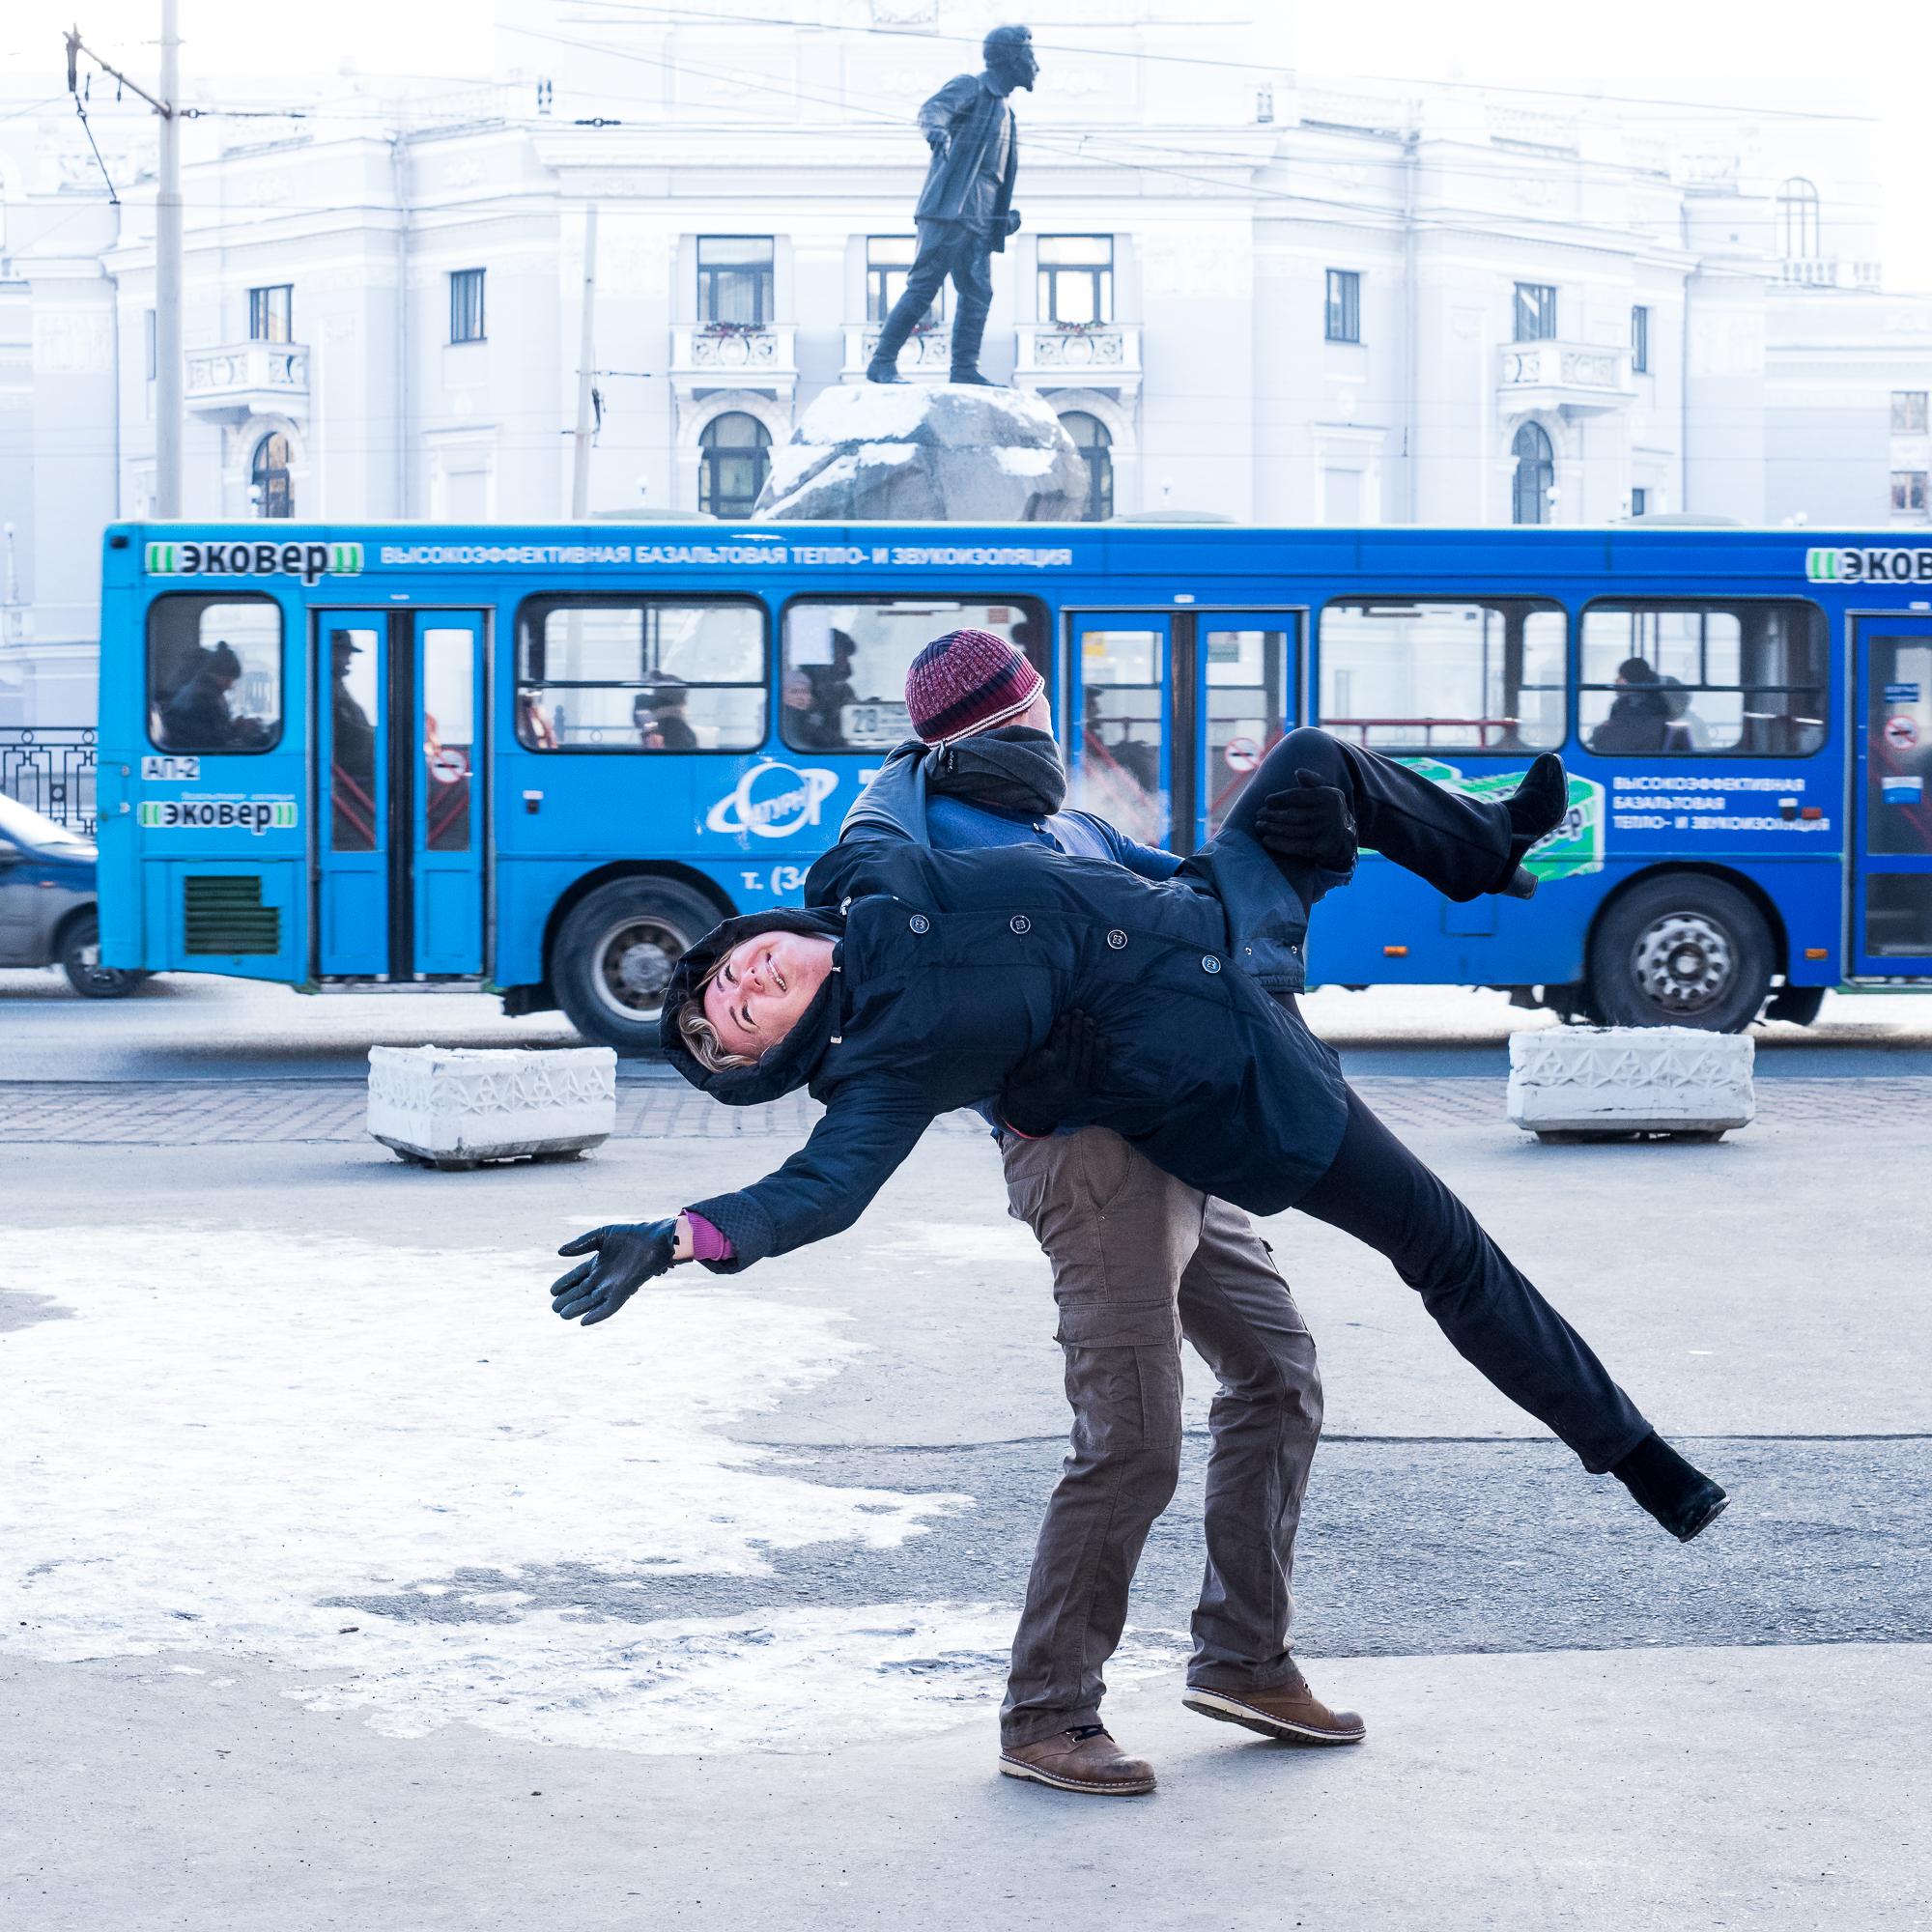 Yekaterinburg_Russia_-7,5°C